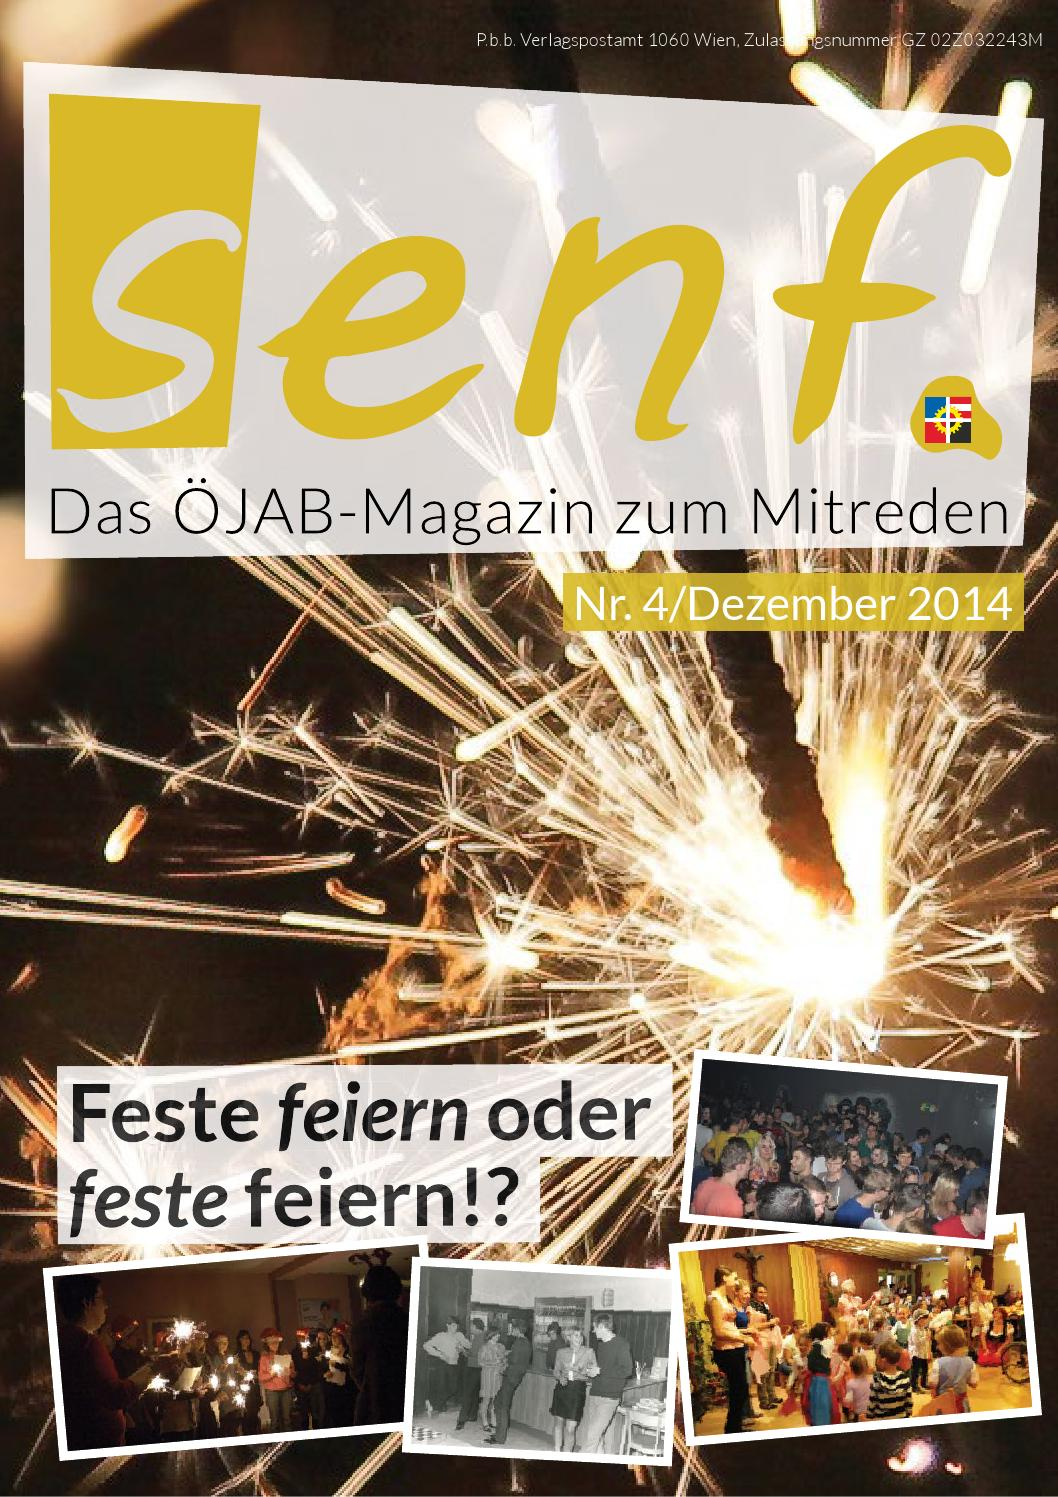 feste und brauche weltweit die mit dem erntedankfest verwandt sind, senf. 04/2014 by Öjab – Österreichische jungarbeiterbewegung - issuu, Innenarchitektur